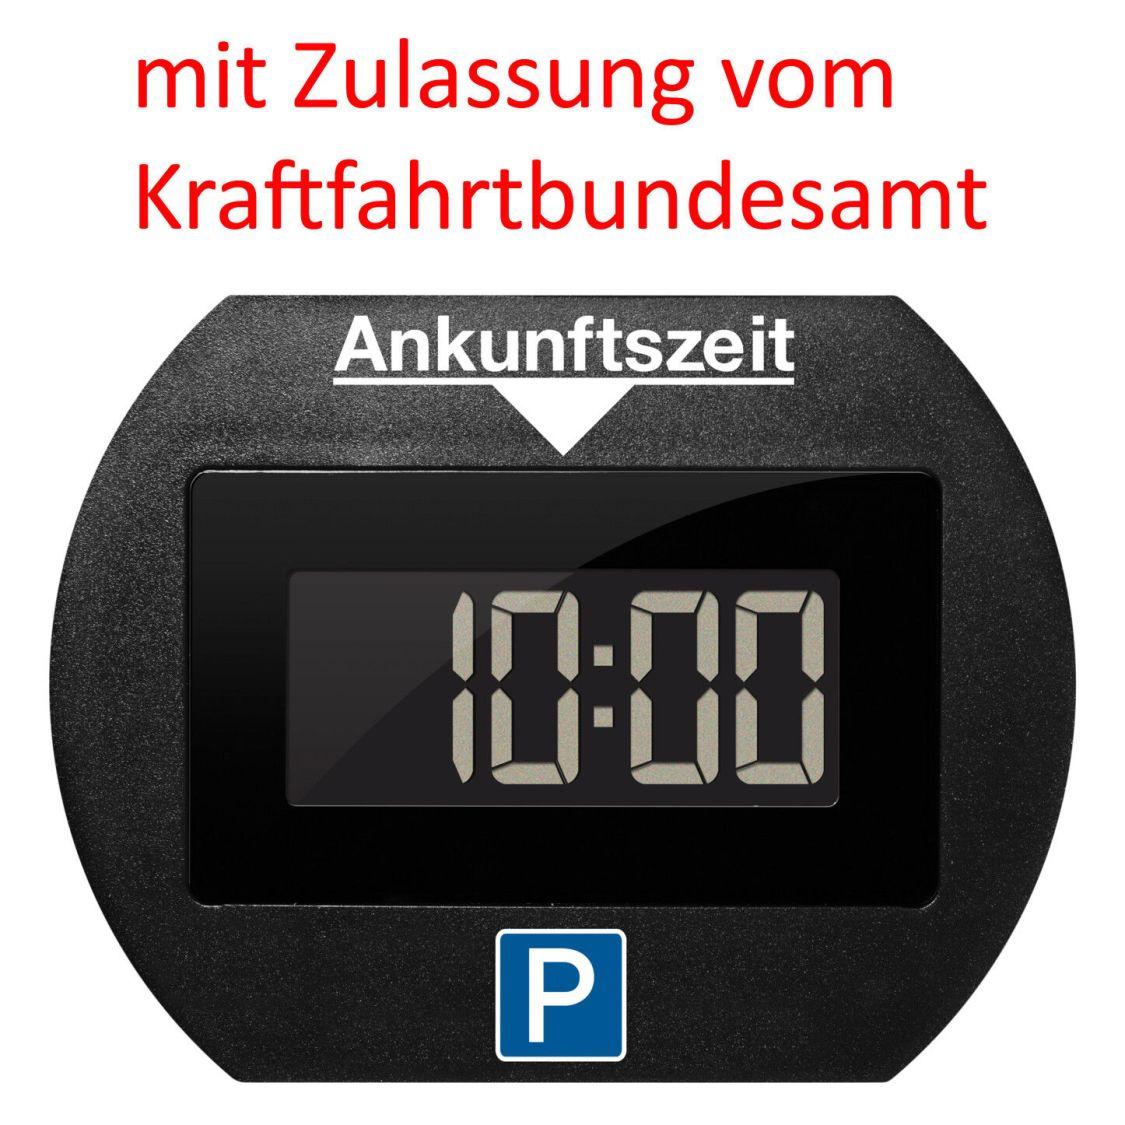 PARK LITE elektronische Parkscheibe - Needit 1412 mit Zulassung - schwarz